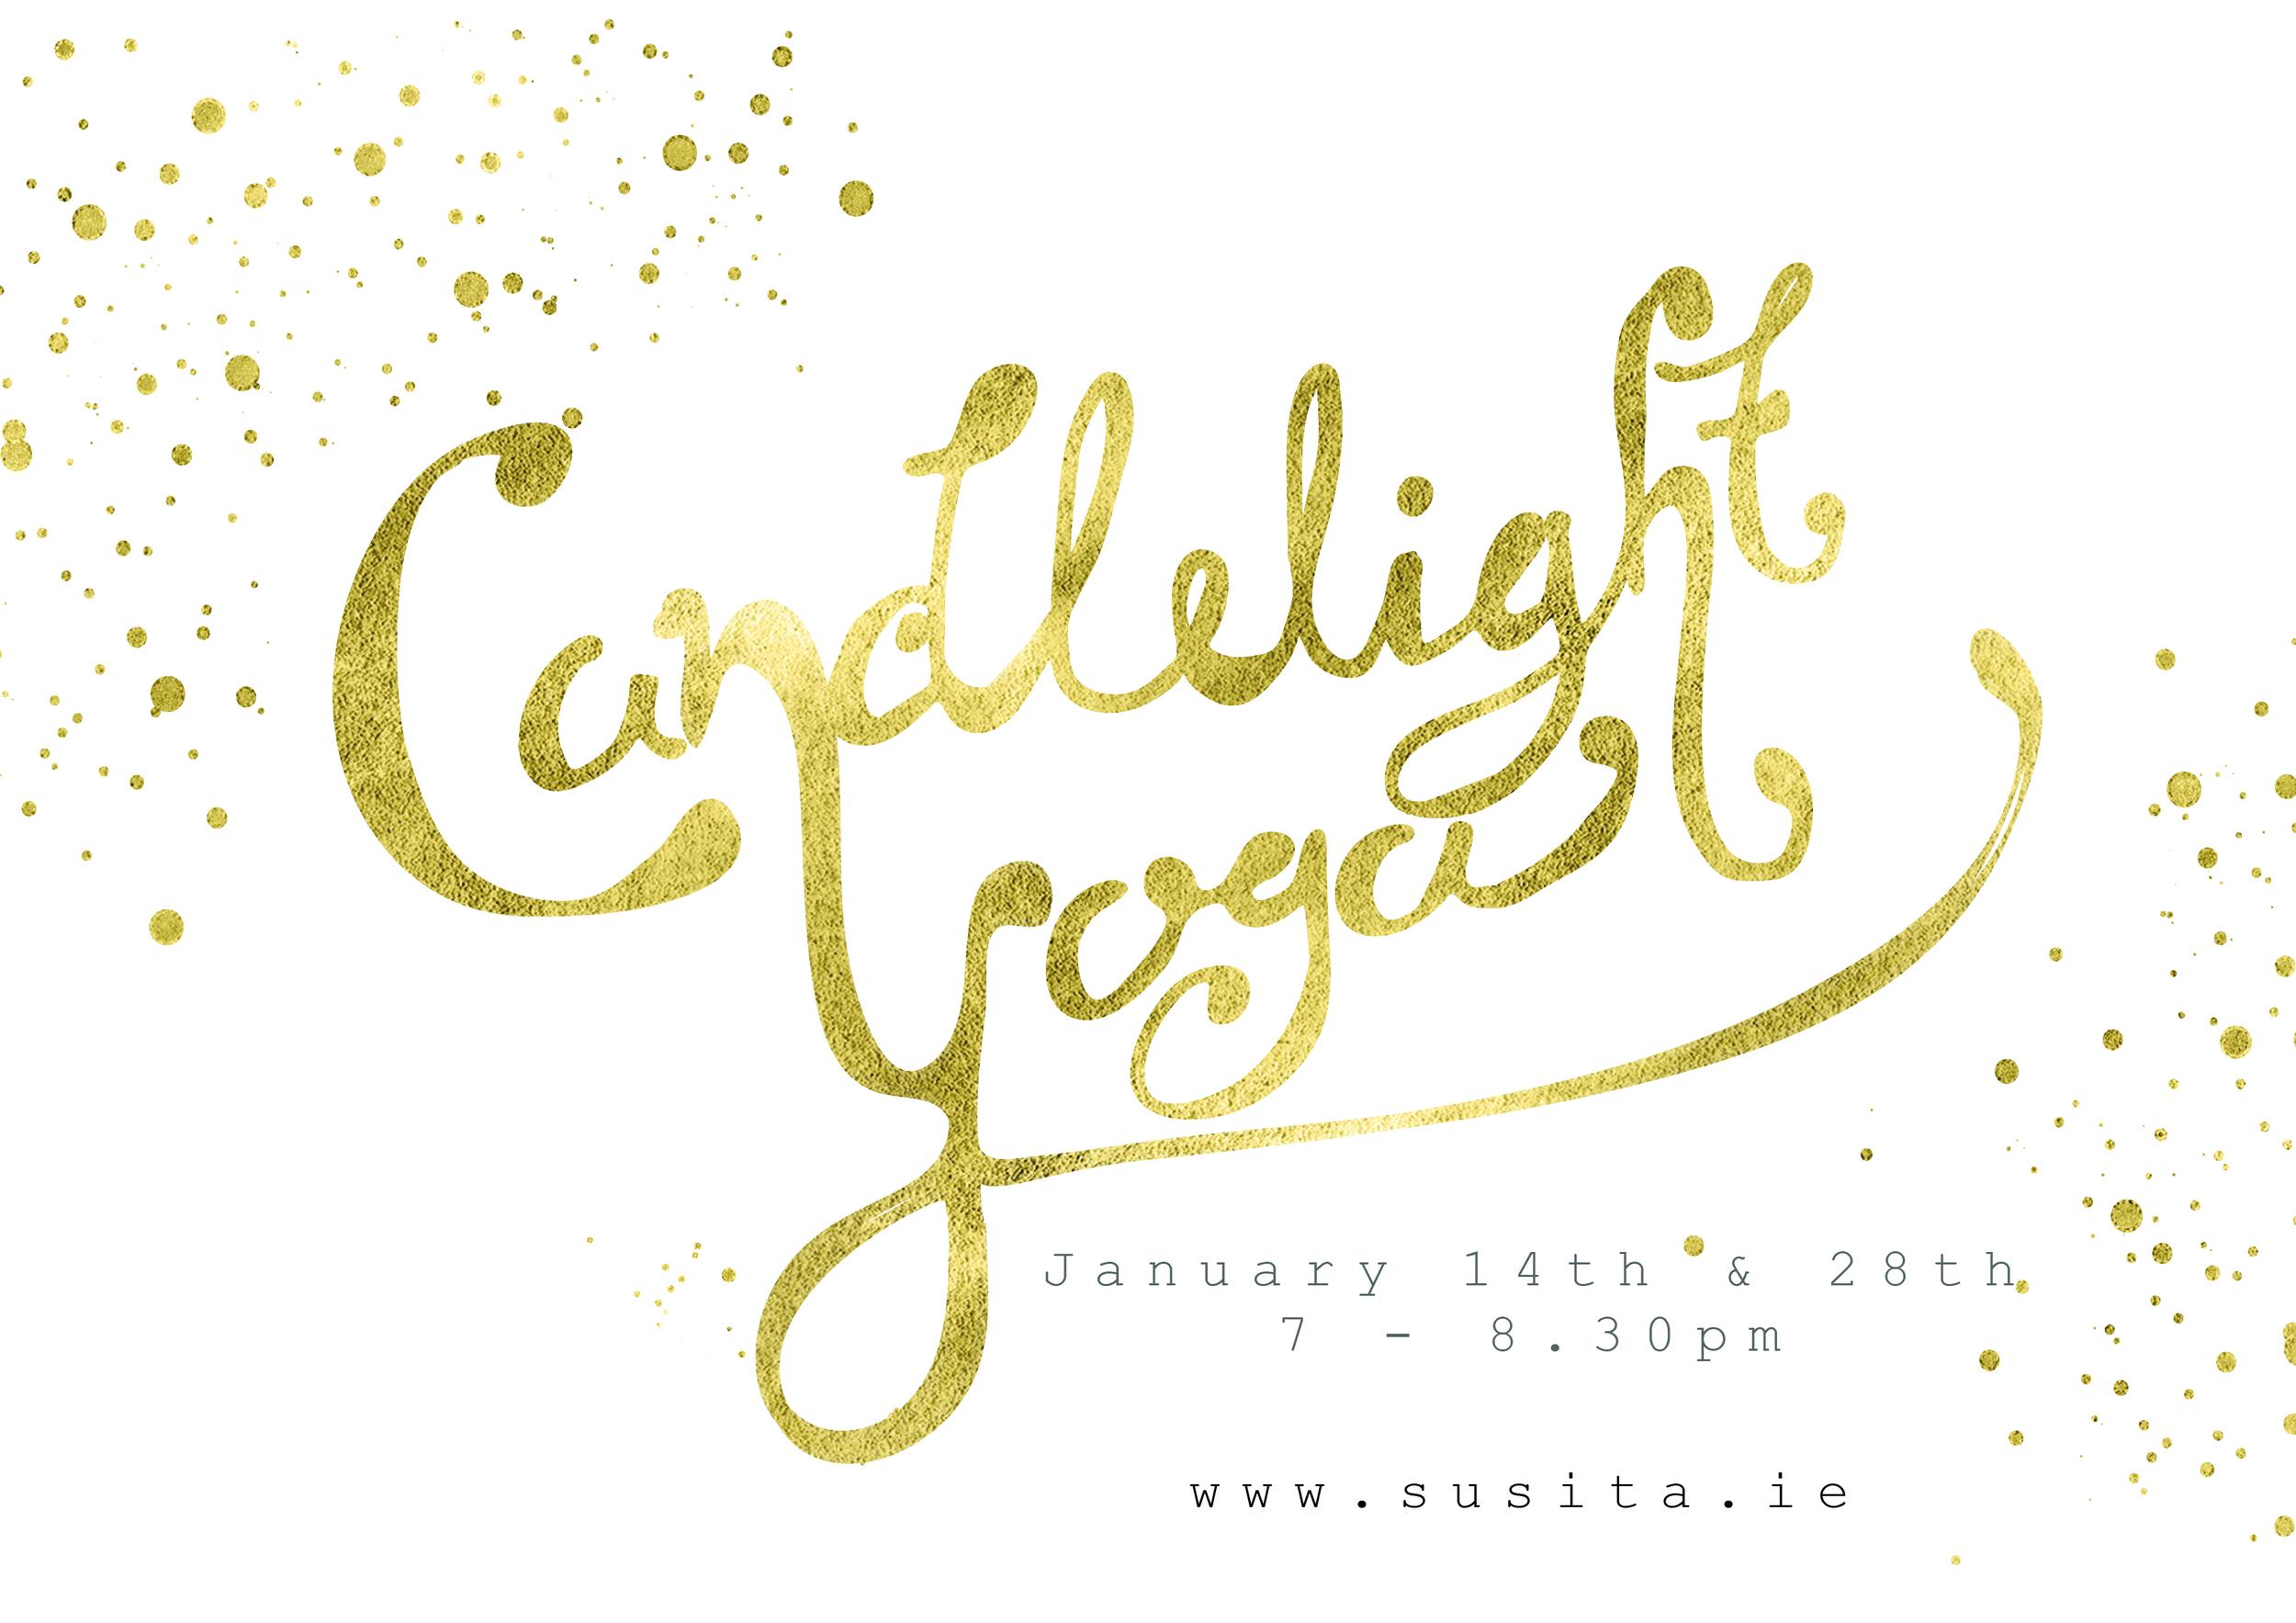 Candlelight Yoga FB post.jpg